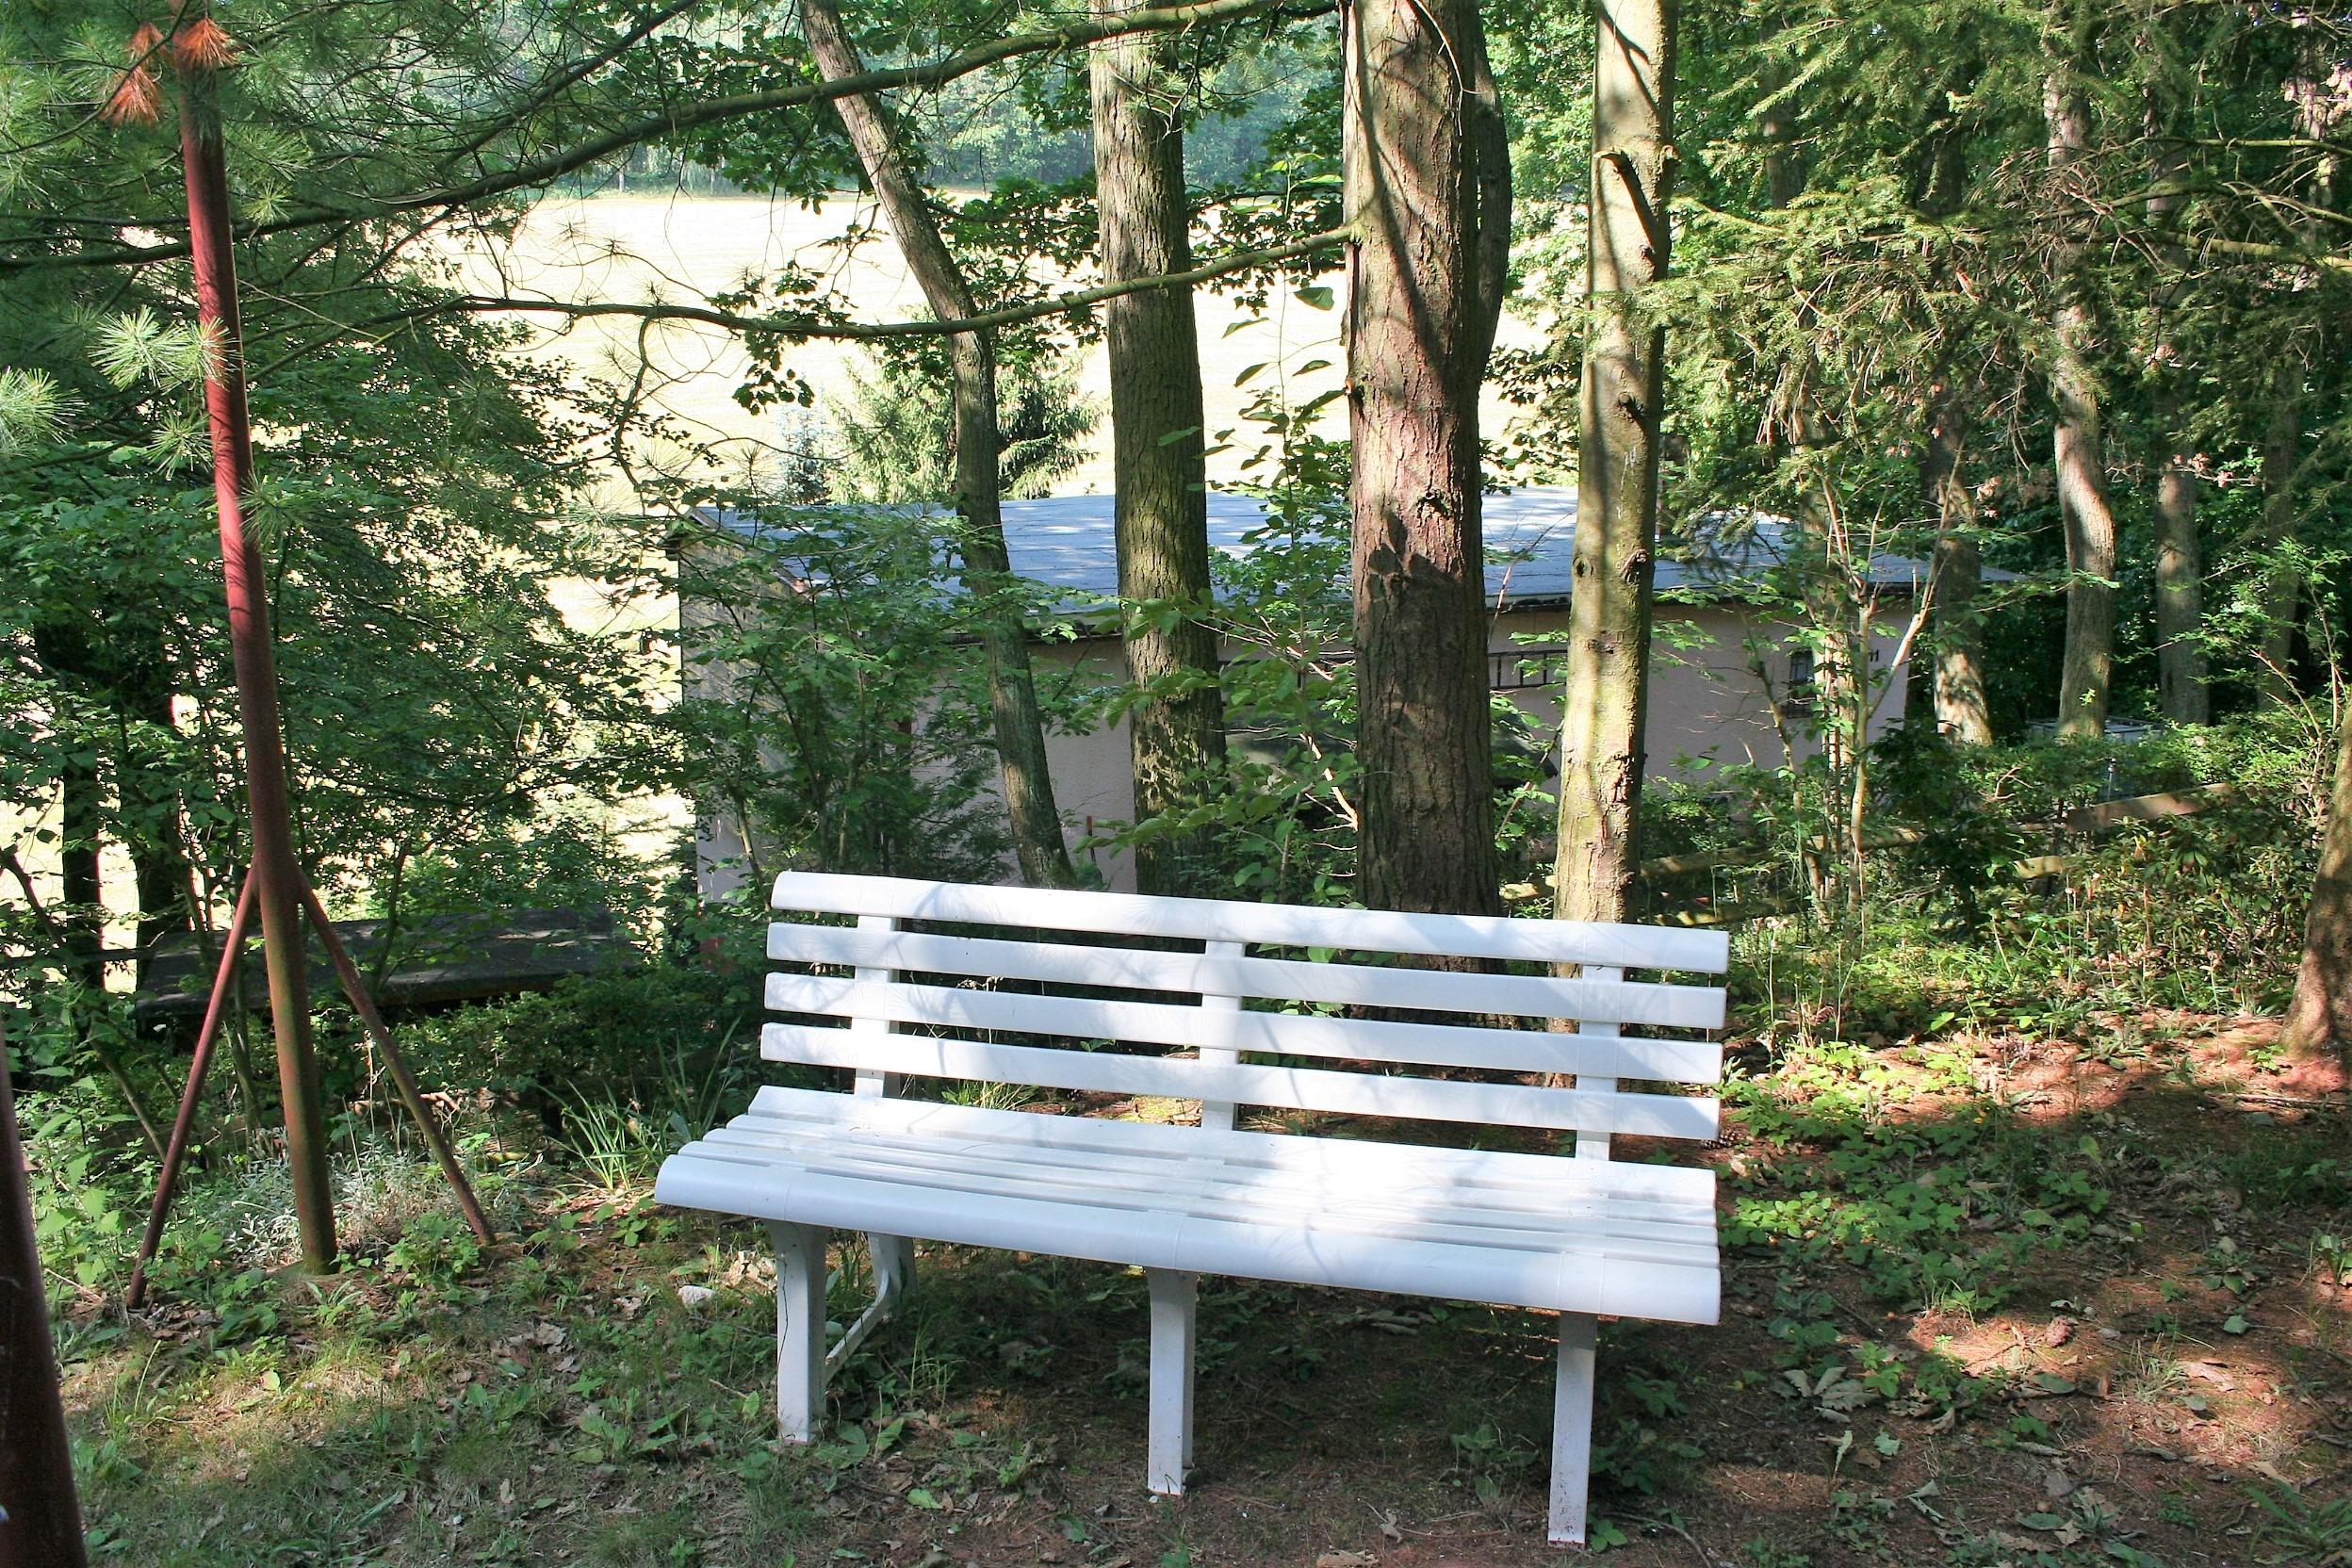 Wochenendgrundstück in Gorenzen - Natur pur - Plätzchen zum Seele baumeln lassen